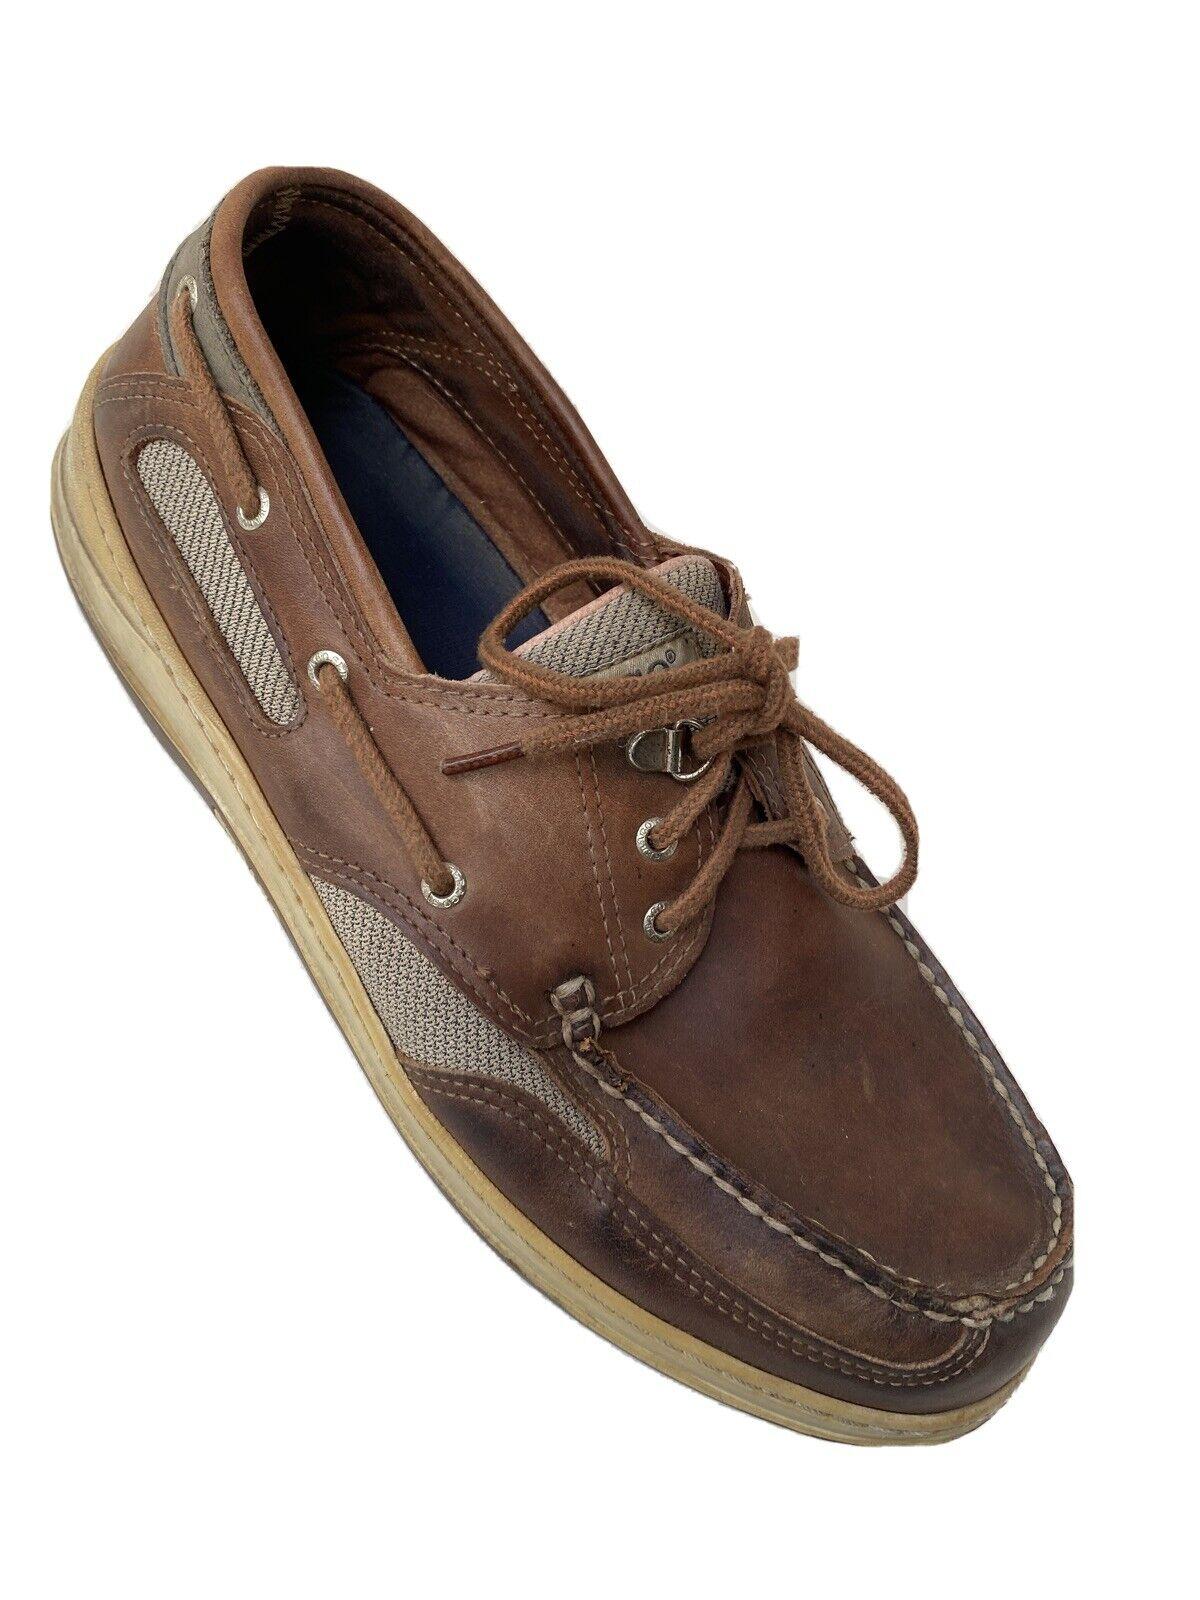 Sebago Mens Docksides Elk Brown Leather